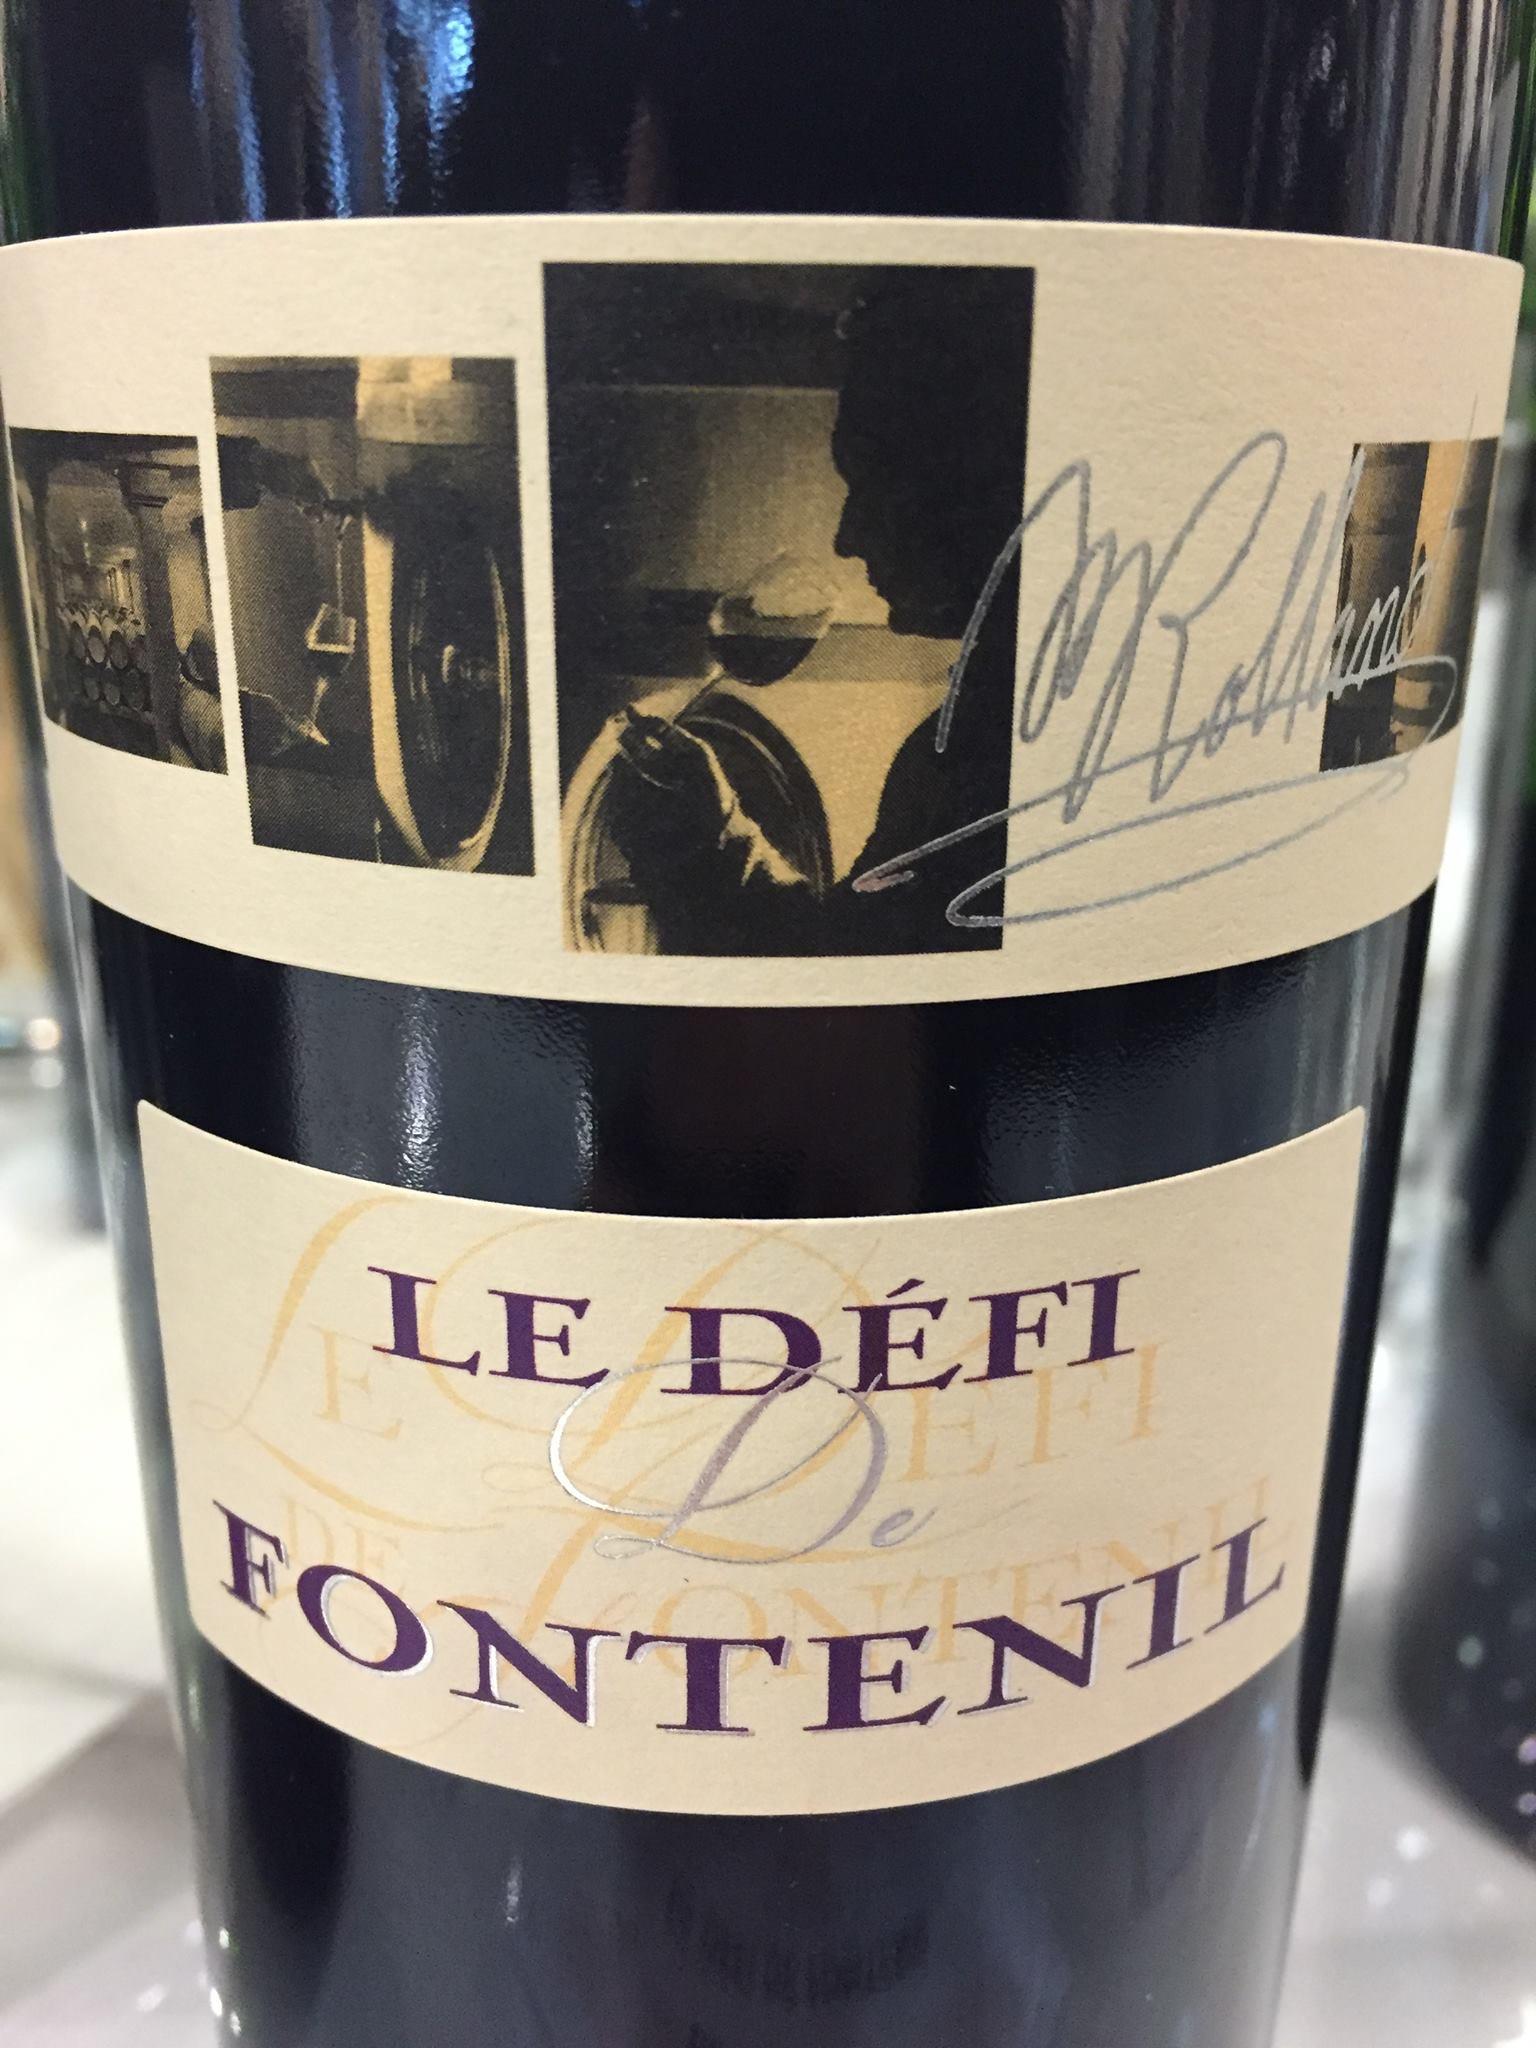 Le Défi de Fontenil 2015 – Vin de France